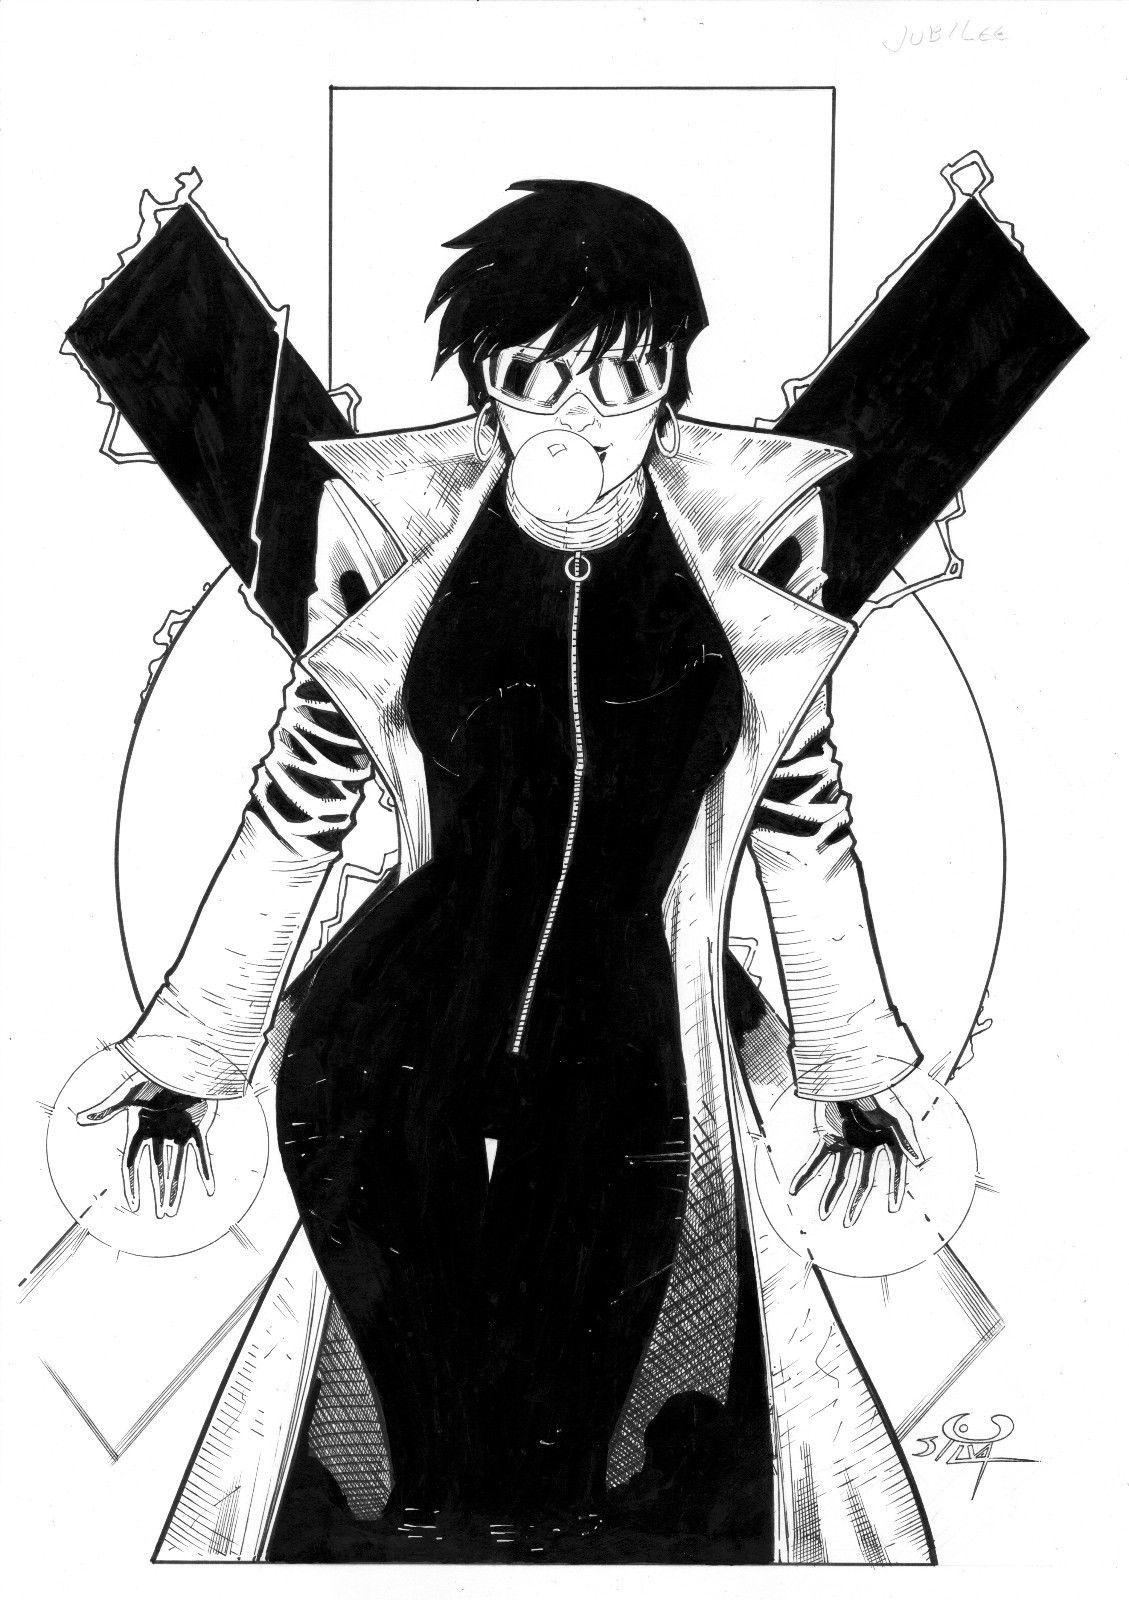 Jubilee art by ed silva marvel comics manga comics